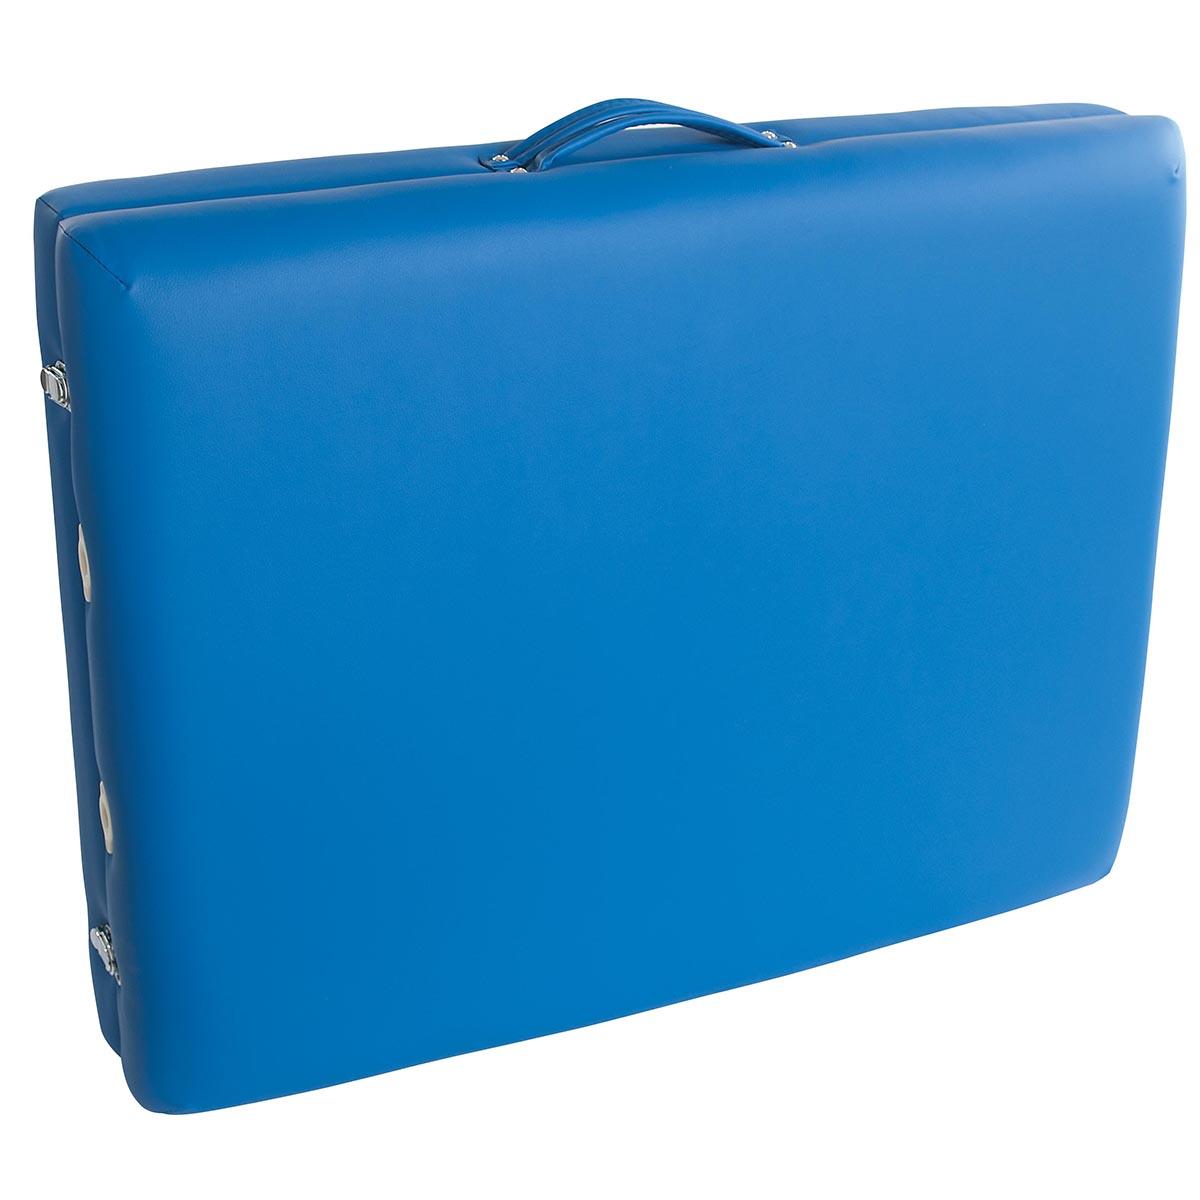 Lettino per massaggi in legno, modello base - azzurro - W60601B - sedie e lettini per i massaggi ...